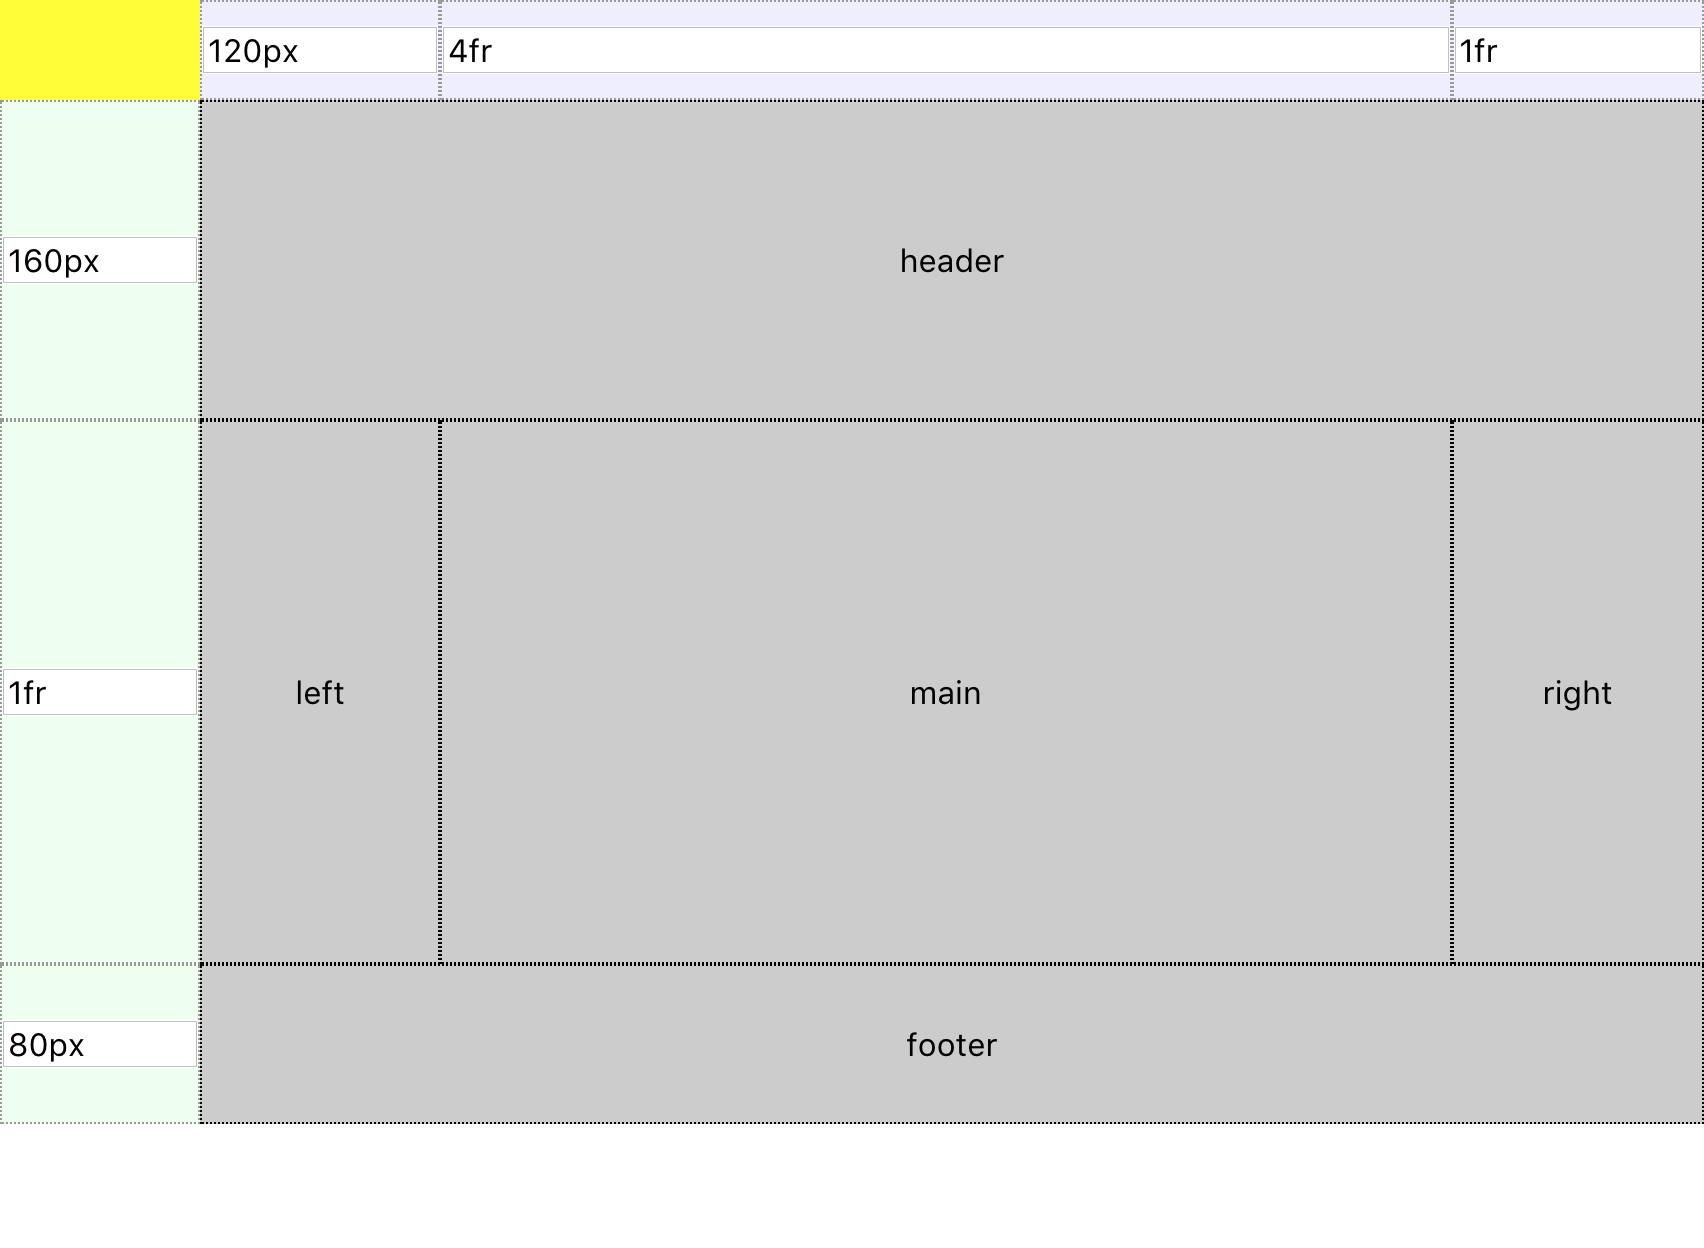 5a4db85a81987631cea1282d--vue-grid-generator.netlify.com_ (1).png